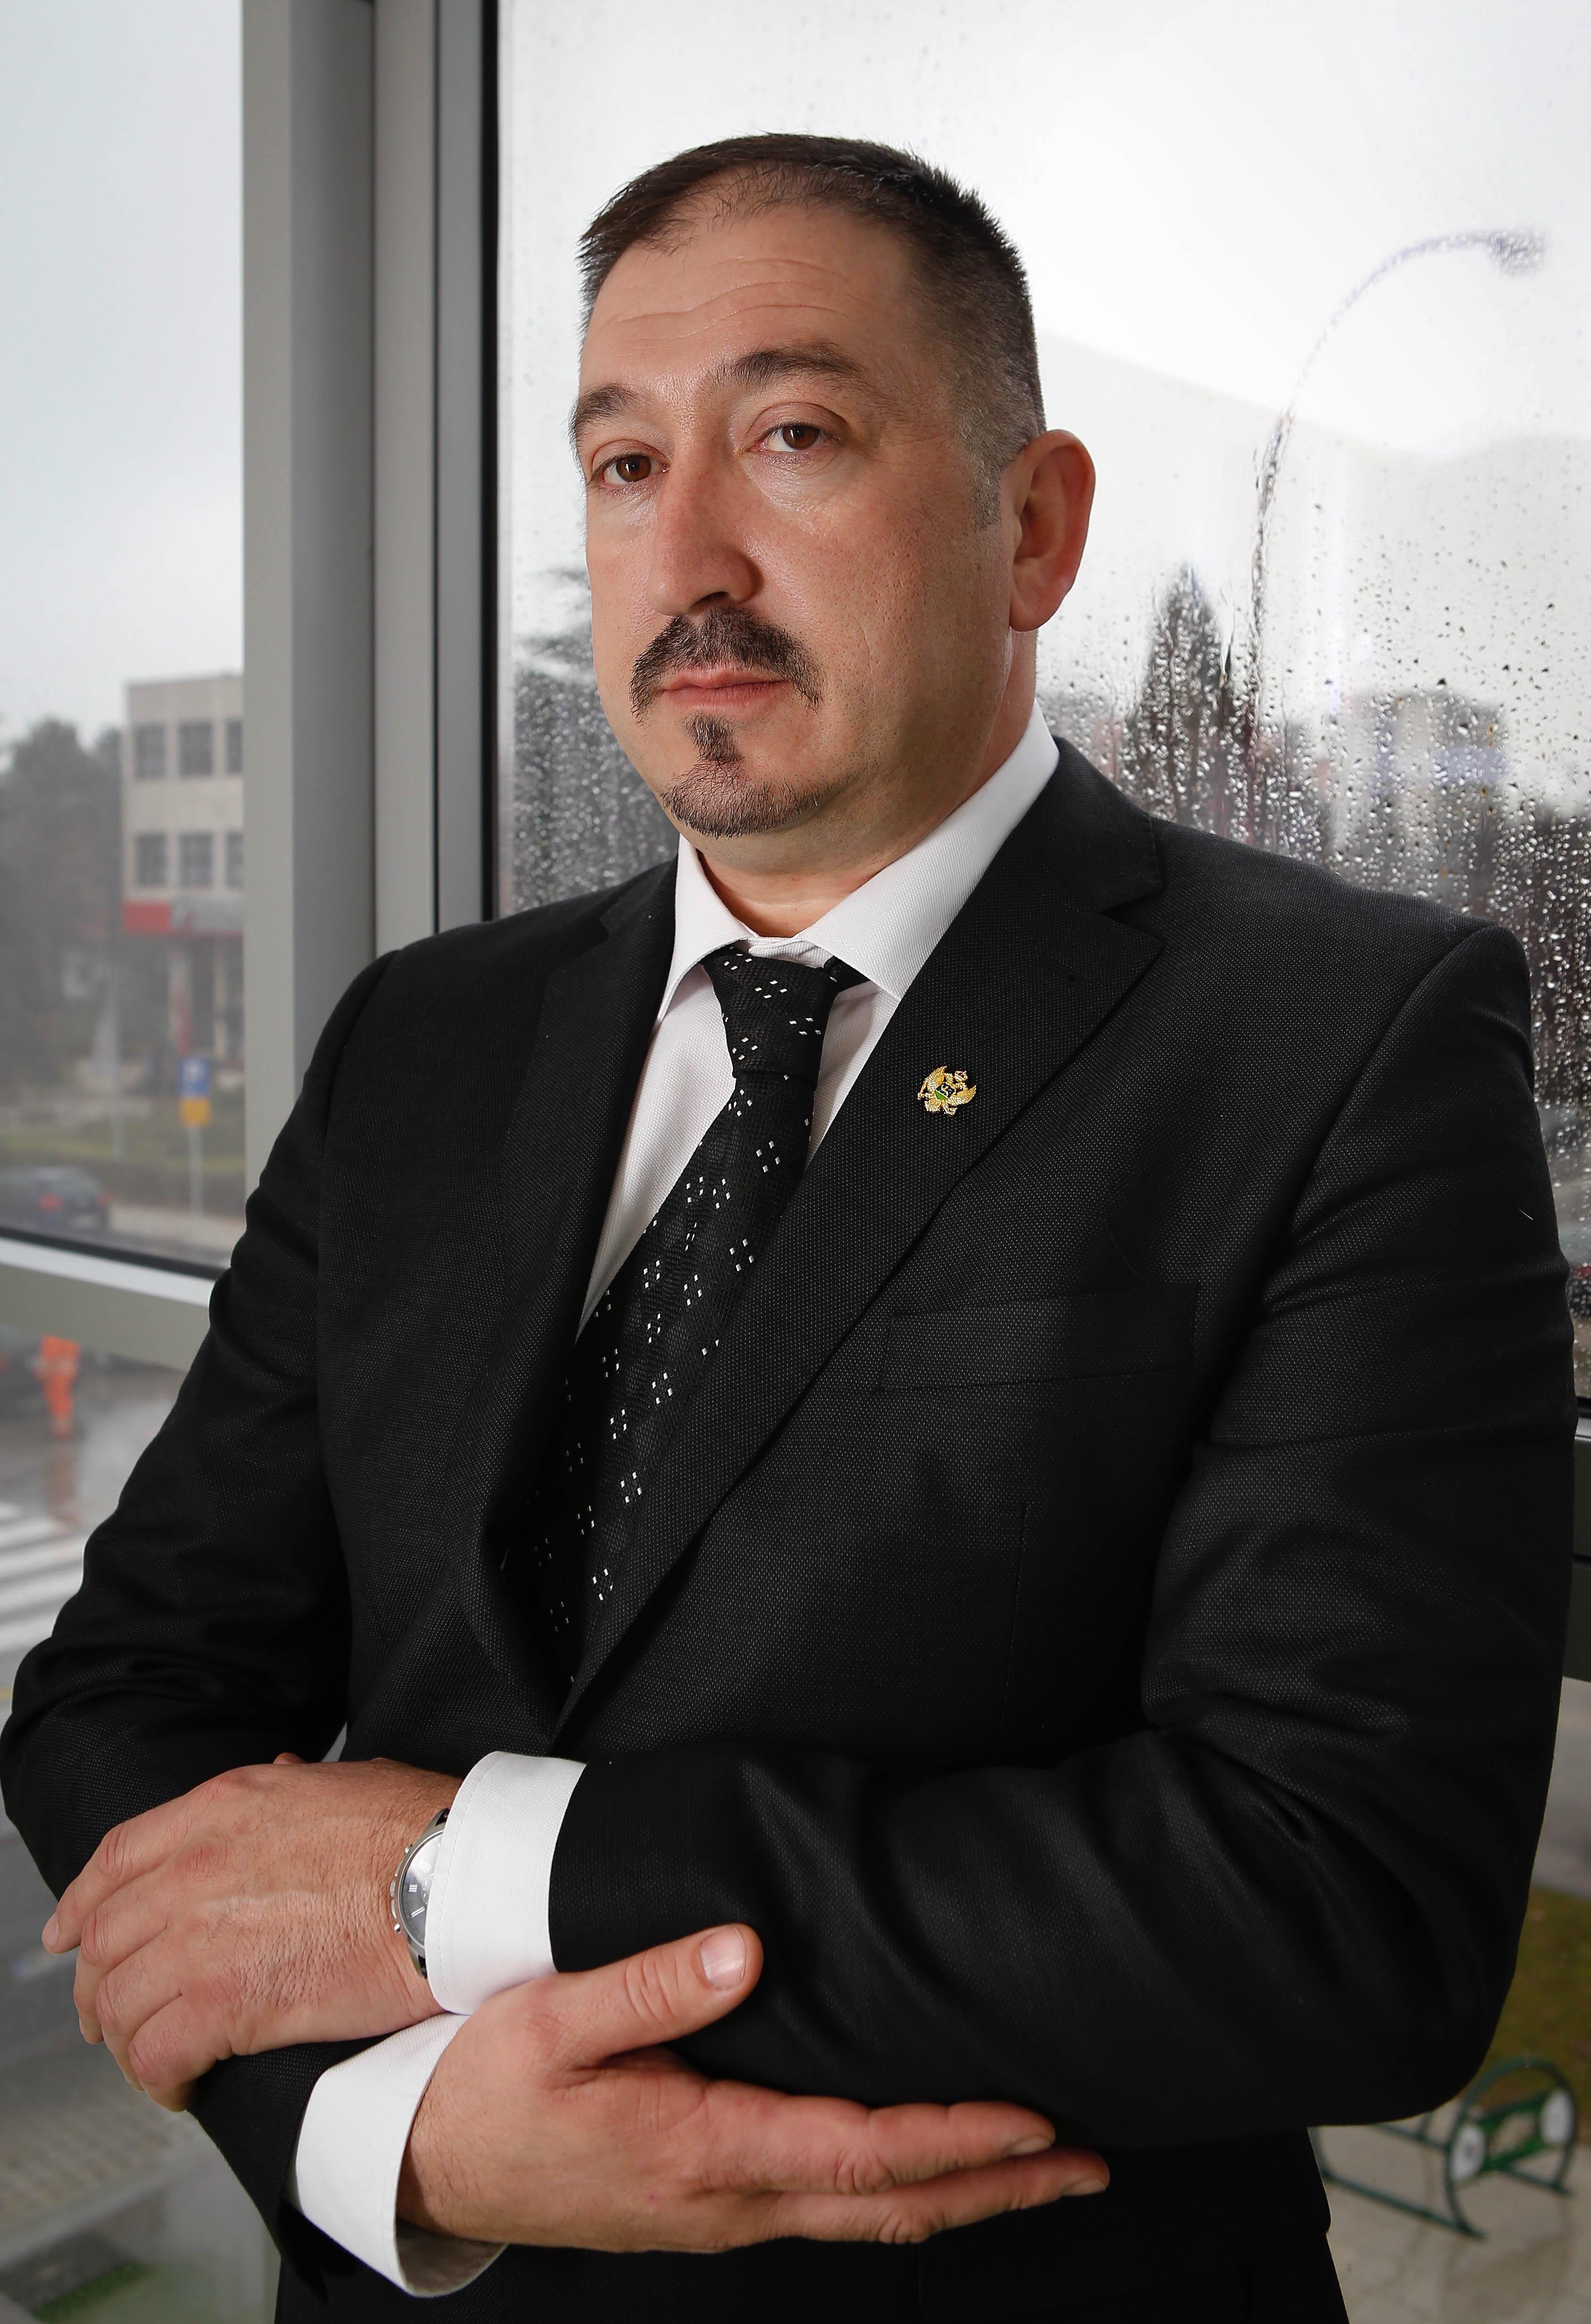 Ratko Bataković